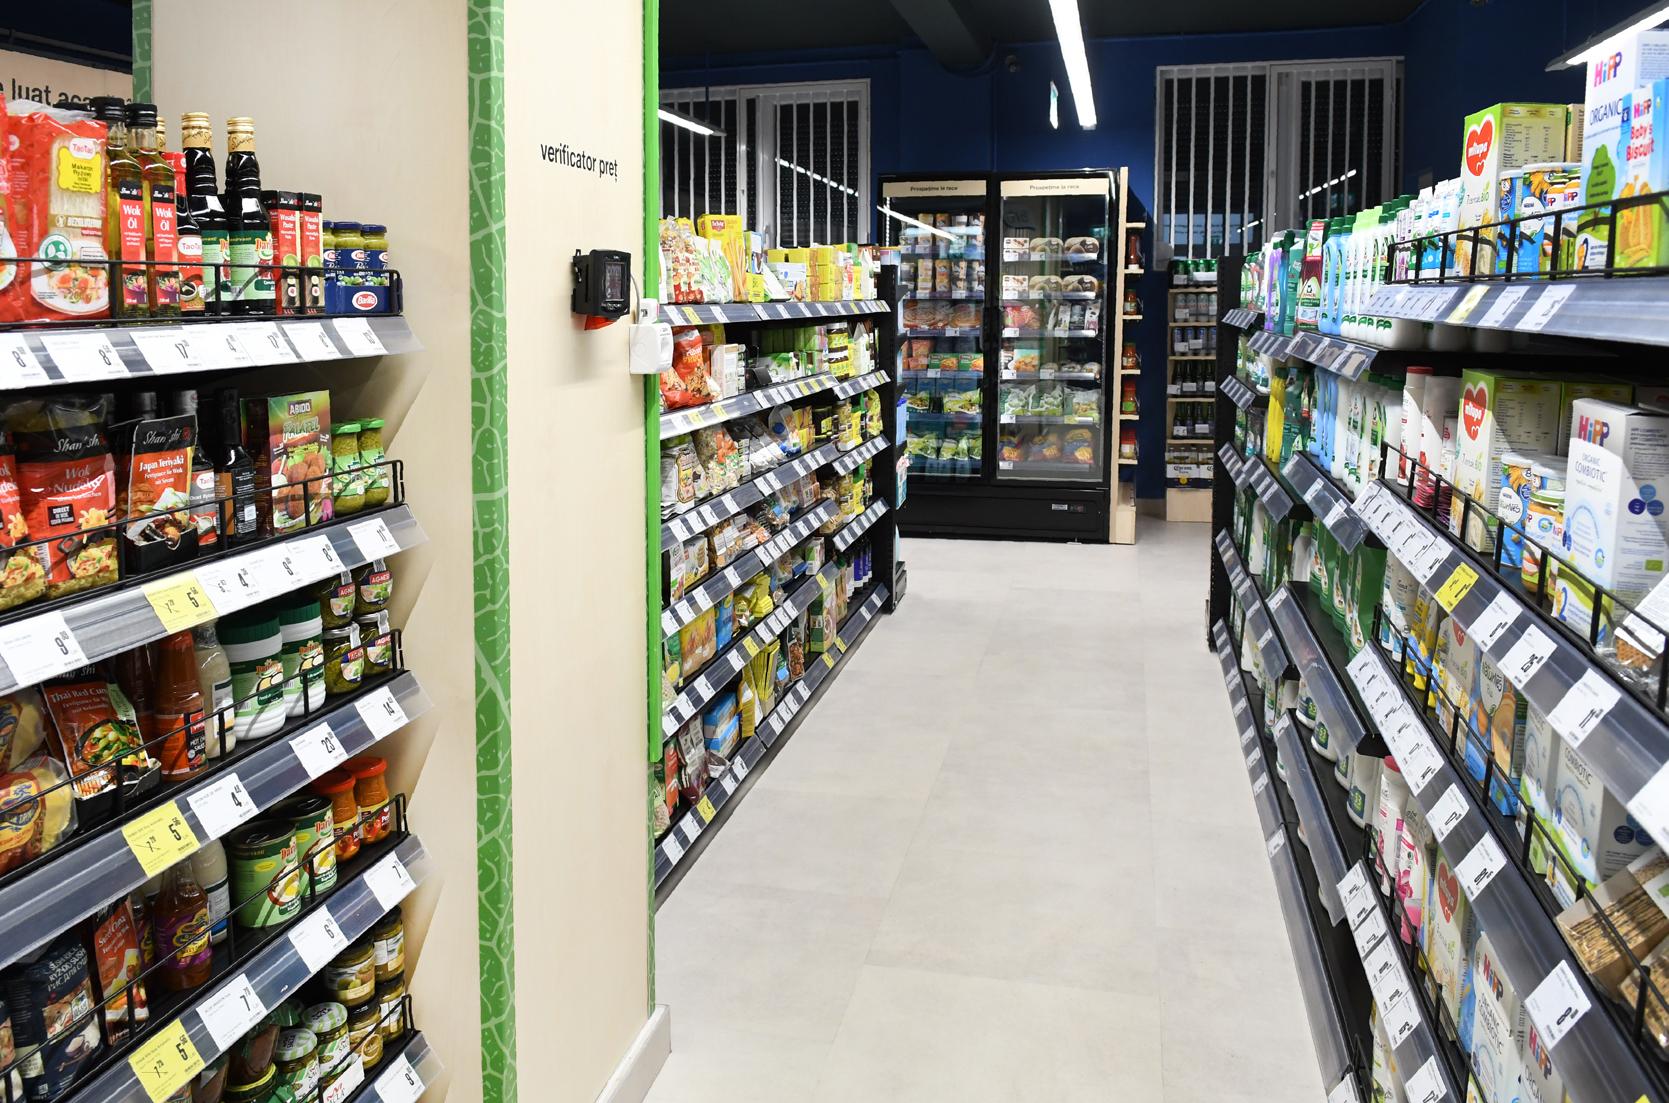 Încă un retailer intră pe segmentul magazinelor de proximitate: Cora lansează conceptul cora Urban şi deschide prima unitate la Bucureşti